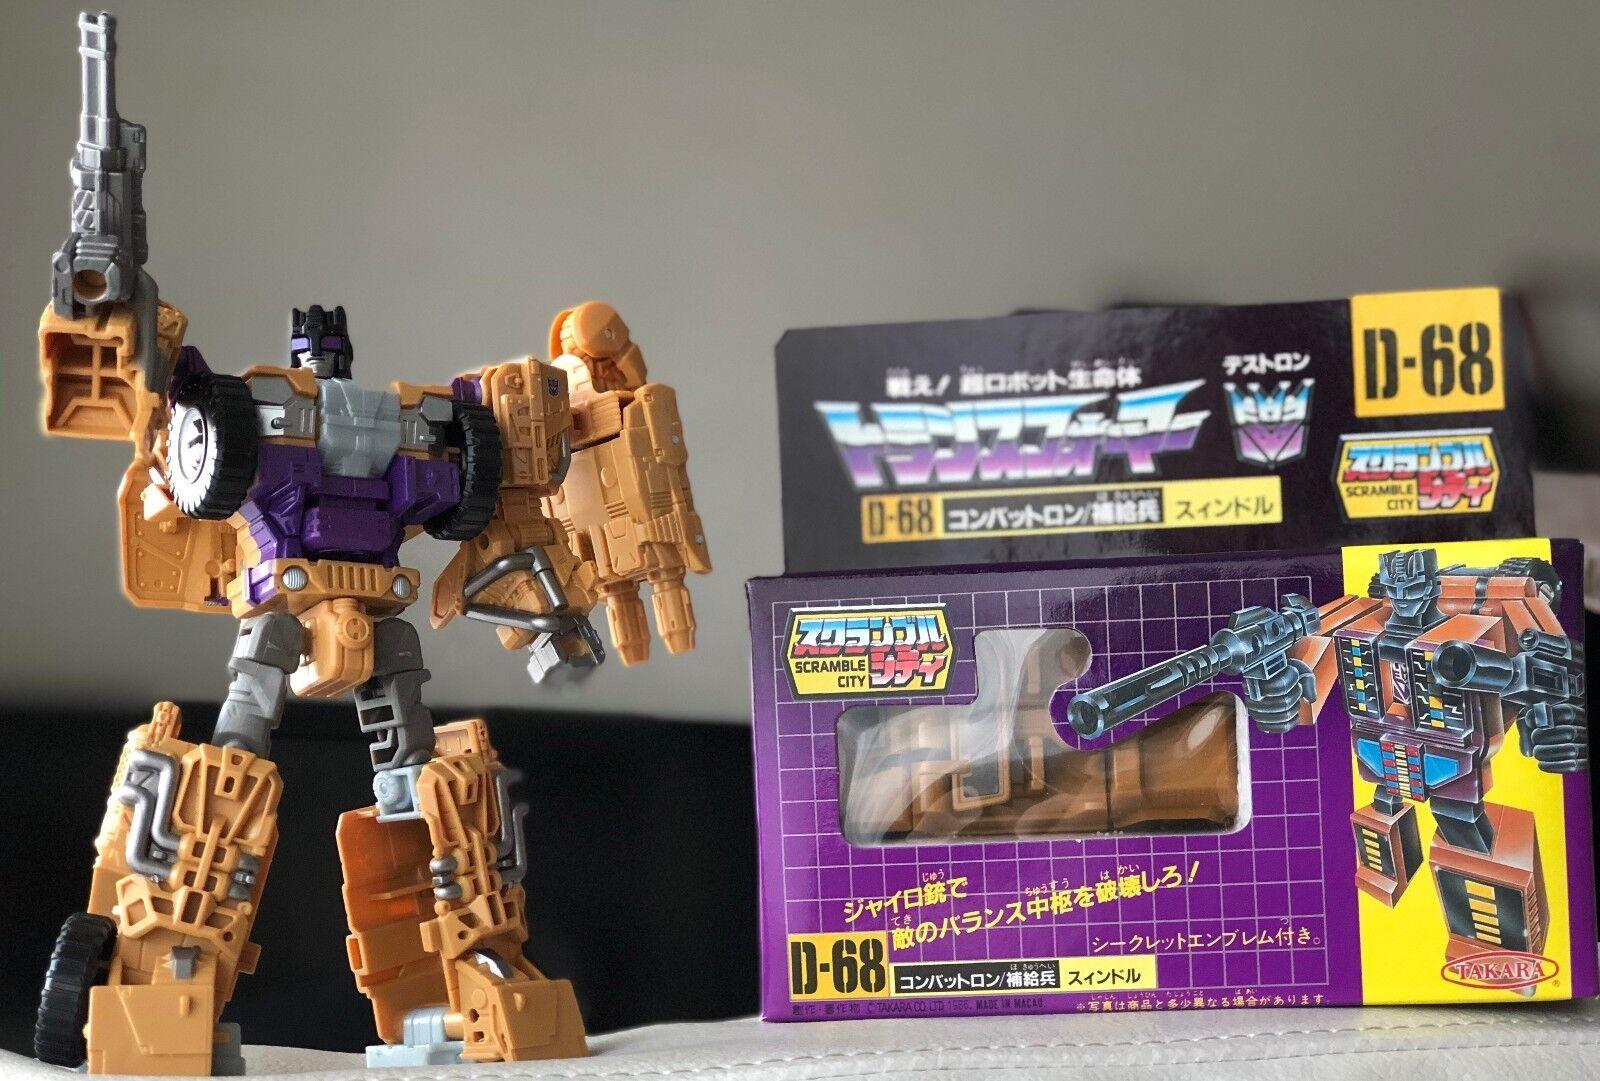 compra limitada Takara Transformers D-68 D-68 D-68 Combaticons Swindle artículo Vintage y UW-07 Swindle sin usar  100% autentico